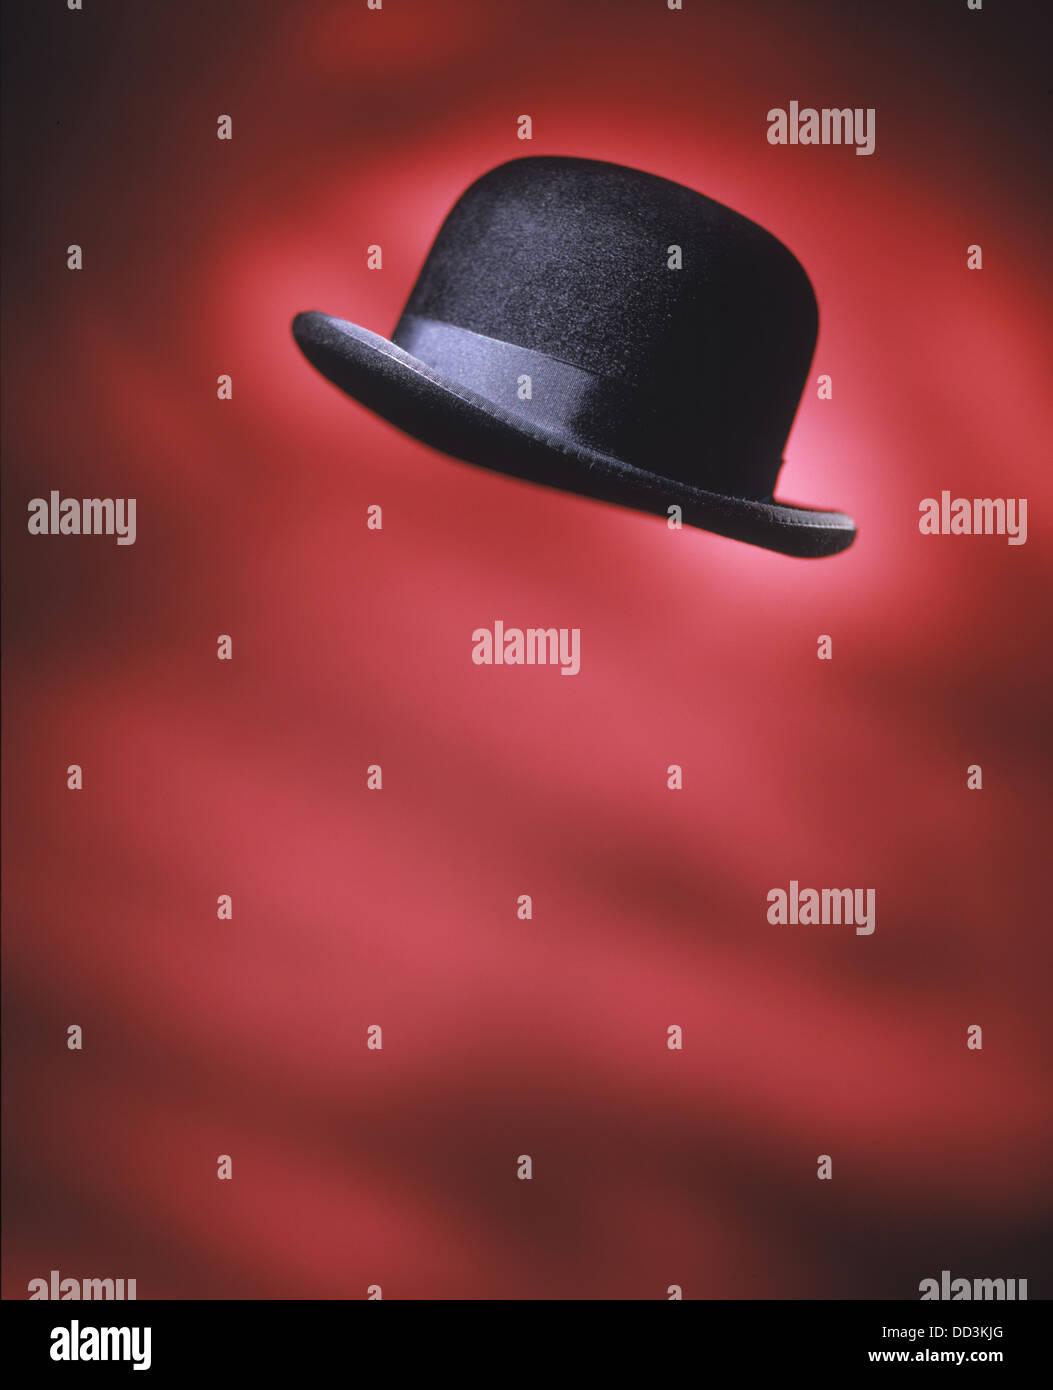 Un nero mens derby hat volare in aria. Luminose sfondo rosso Immagini Stock